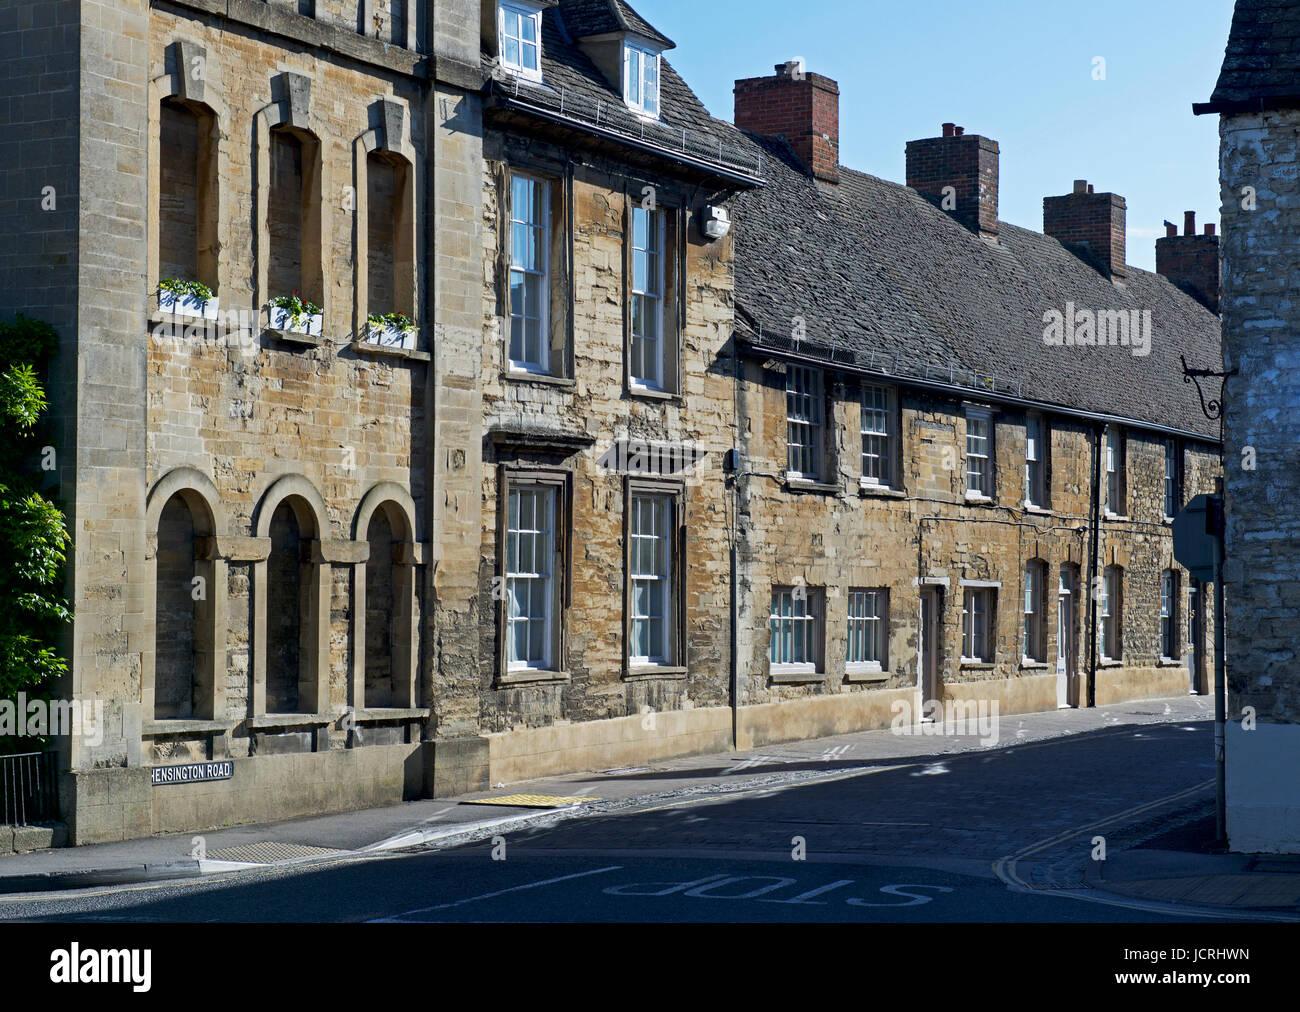 Calle en Woodstock, Oxfordshire, Inglaterra Imagen De Stock